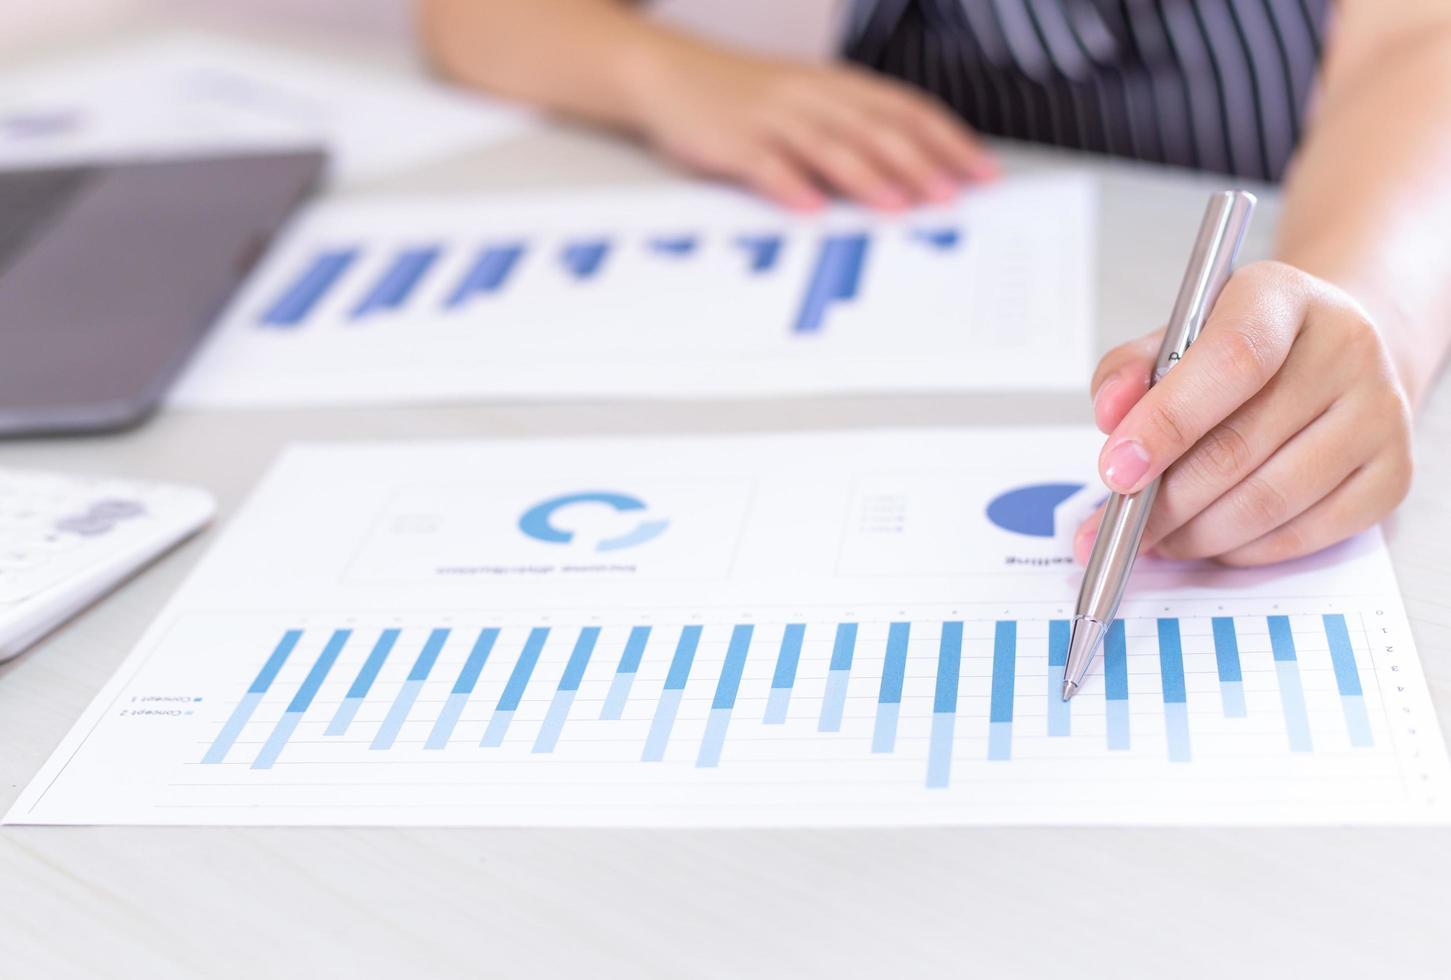 travailleur des finances analyse la courbe de croissance au travail photo